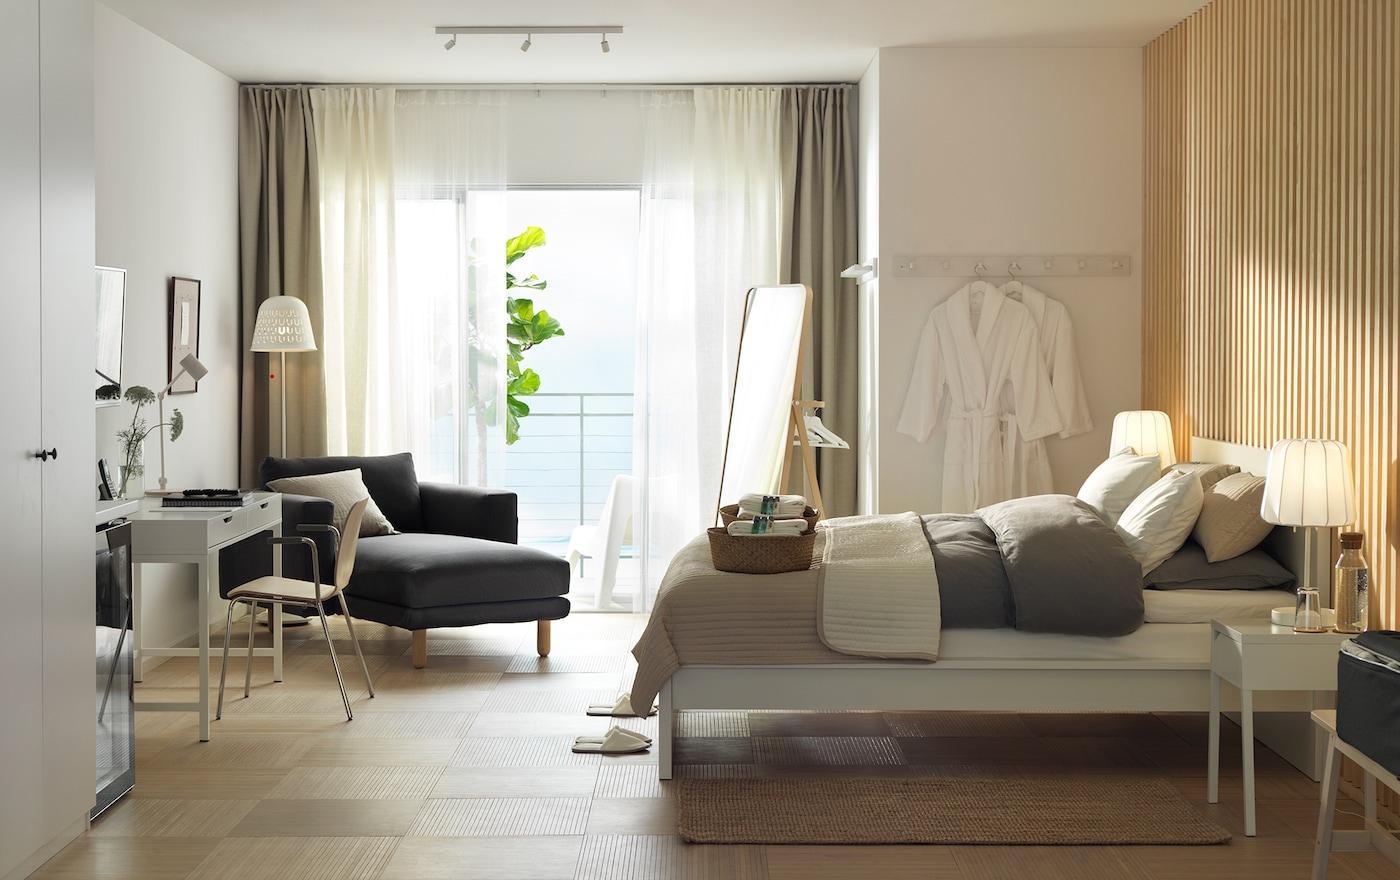 Ein in weiß gehaltenes Hotelzimmer zum Erholen & Entspannen mit Holzwand, MALM Bett & Récamiere